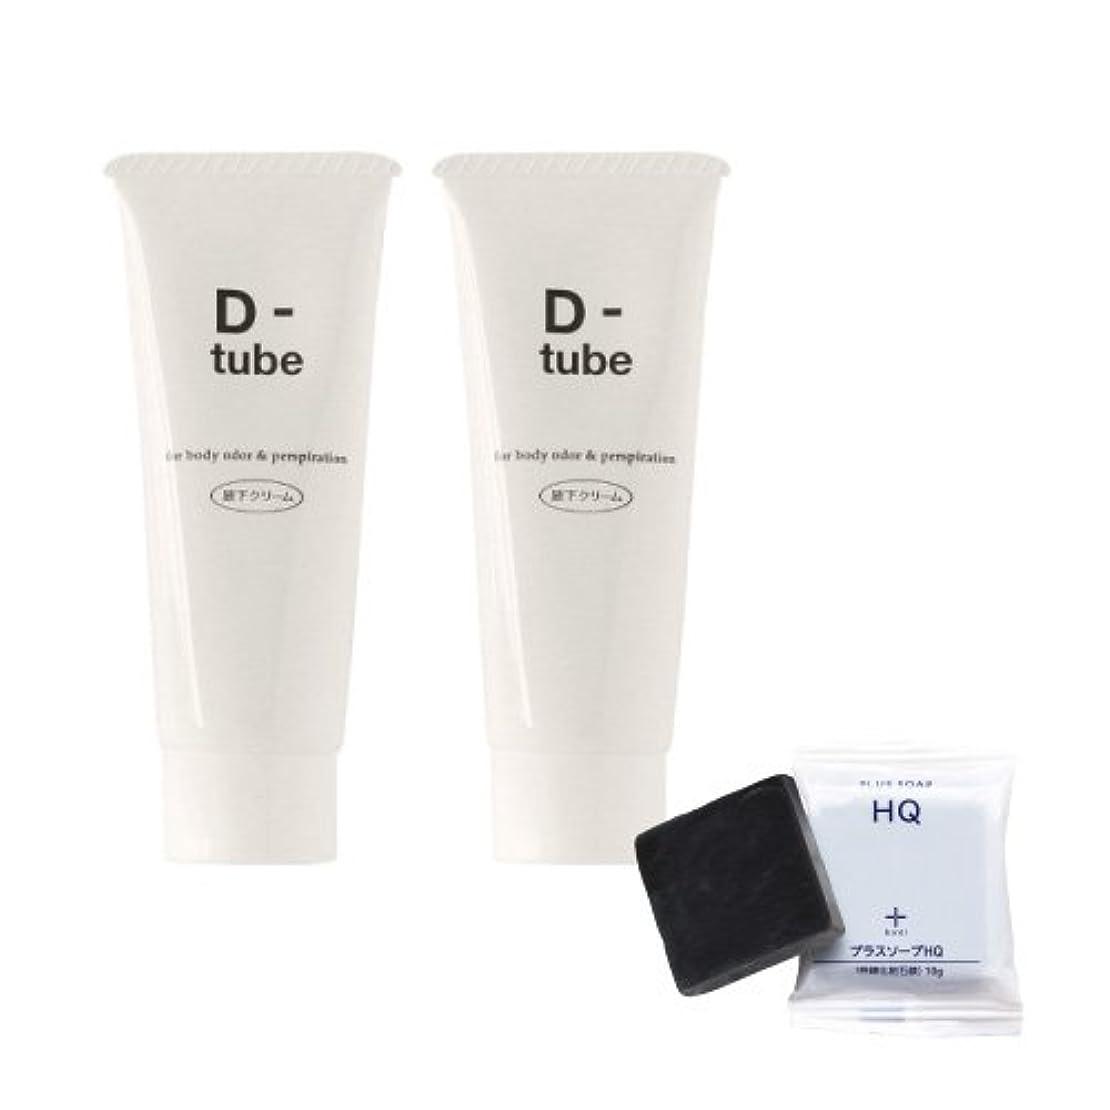 ディーチューブ d-tube (2本+ミニソープセット)